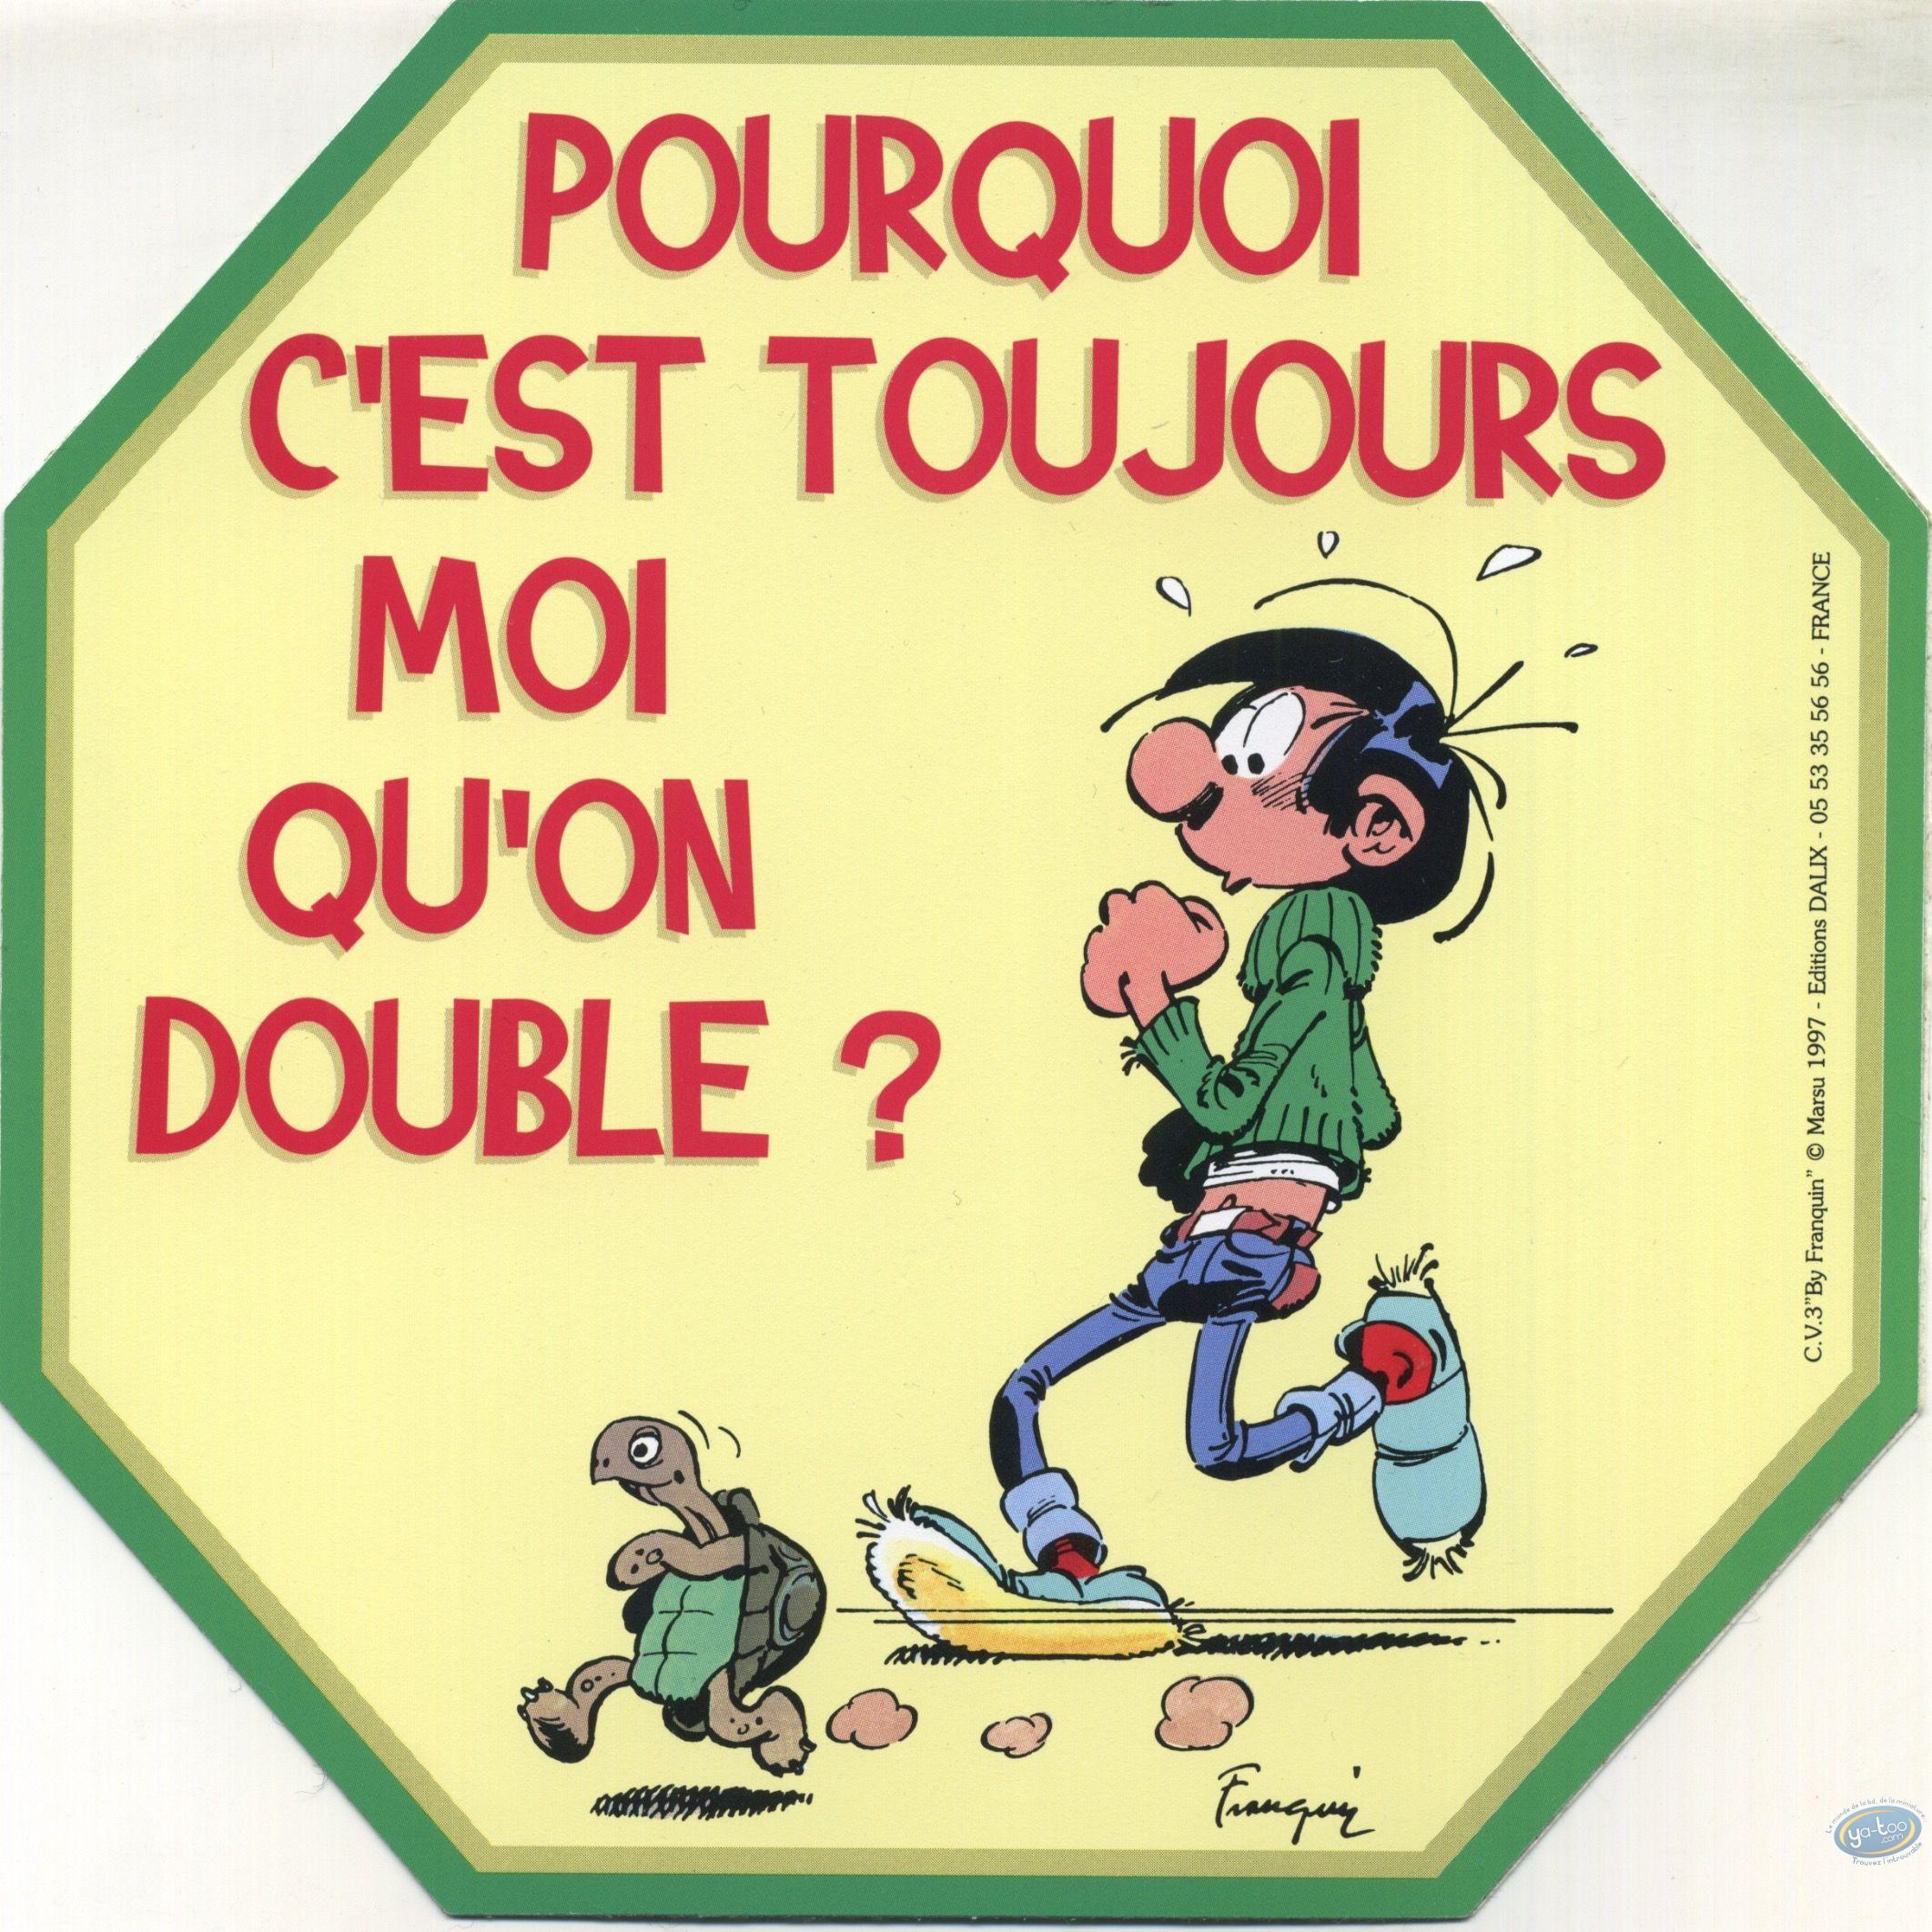 Autocollant, Gaston Lagaffe : Pourquoi c'est toujours moi qu'on double?